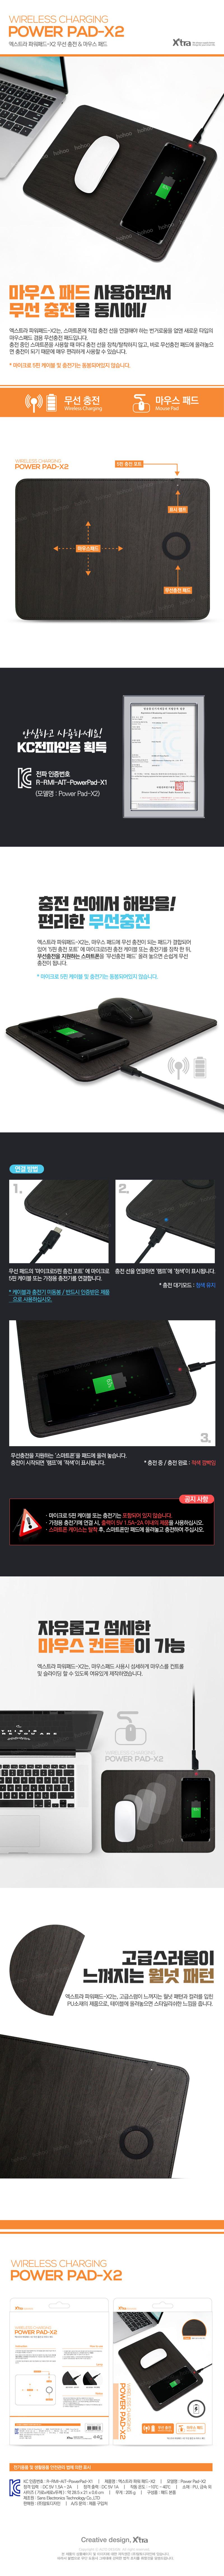 엑스트라 파워패드-X2 휴대폰 무선 충전 마우스패드 충전기 - 네오픽, 13,800원, 충전기, 무선충전기/패치